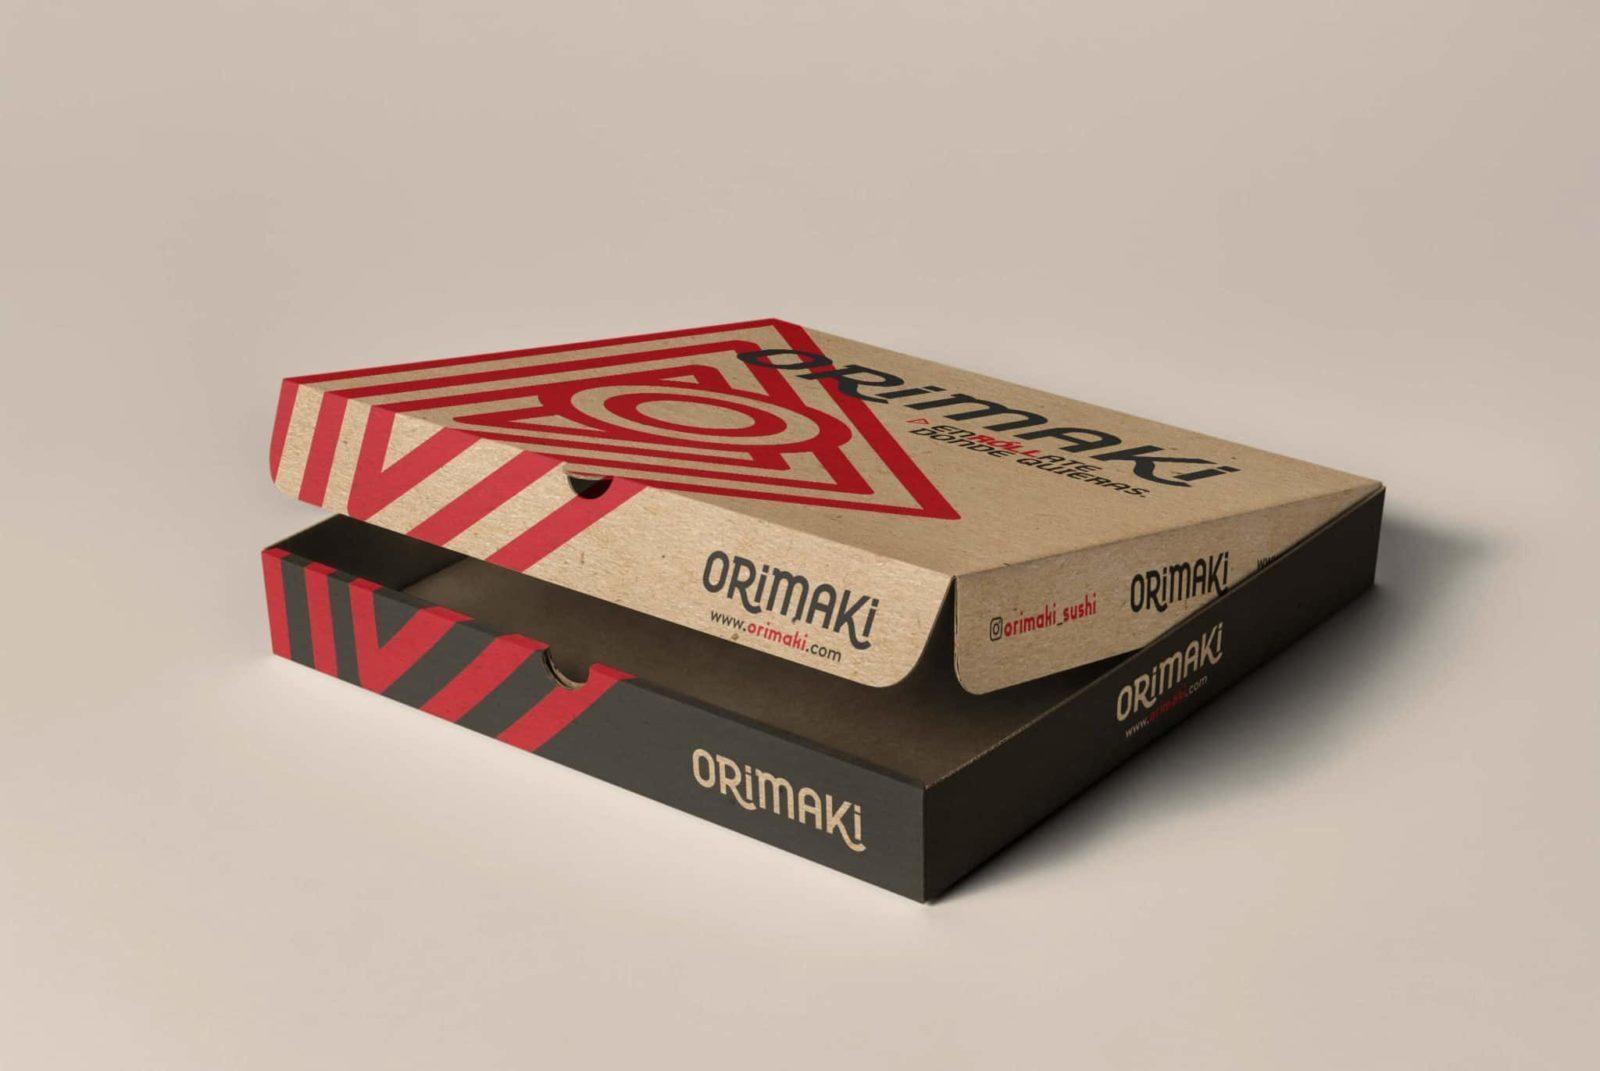 diseño de caja y envases para de alimentos